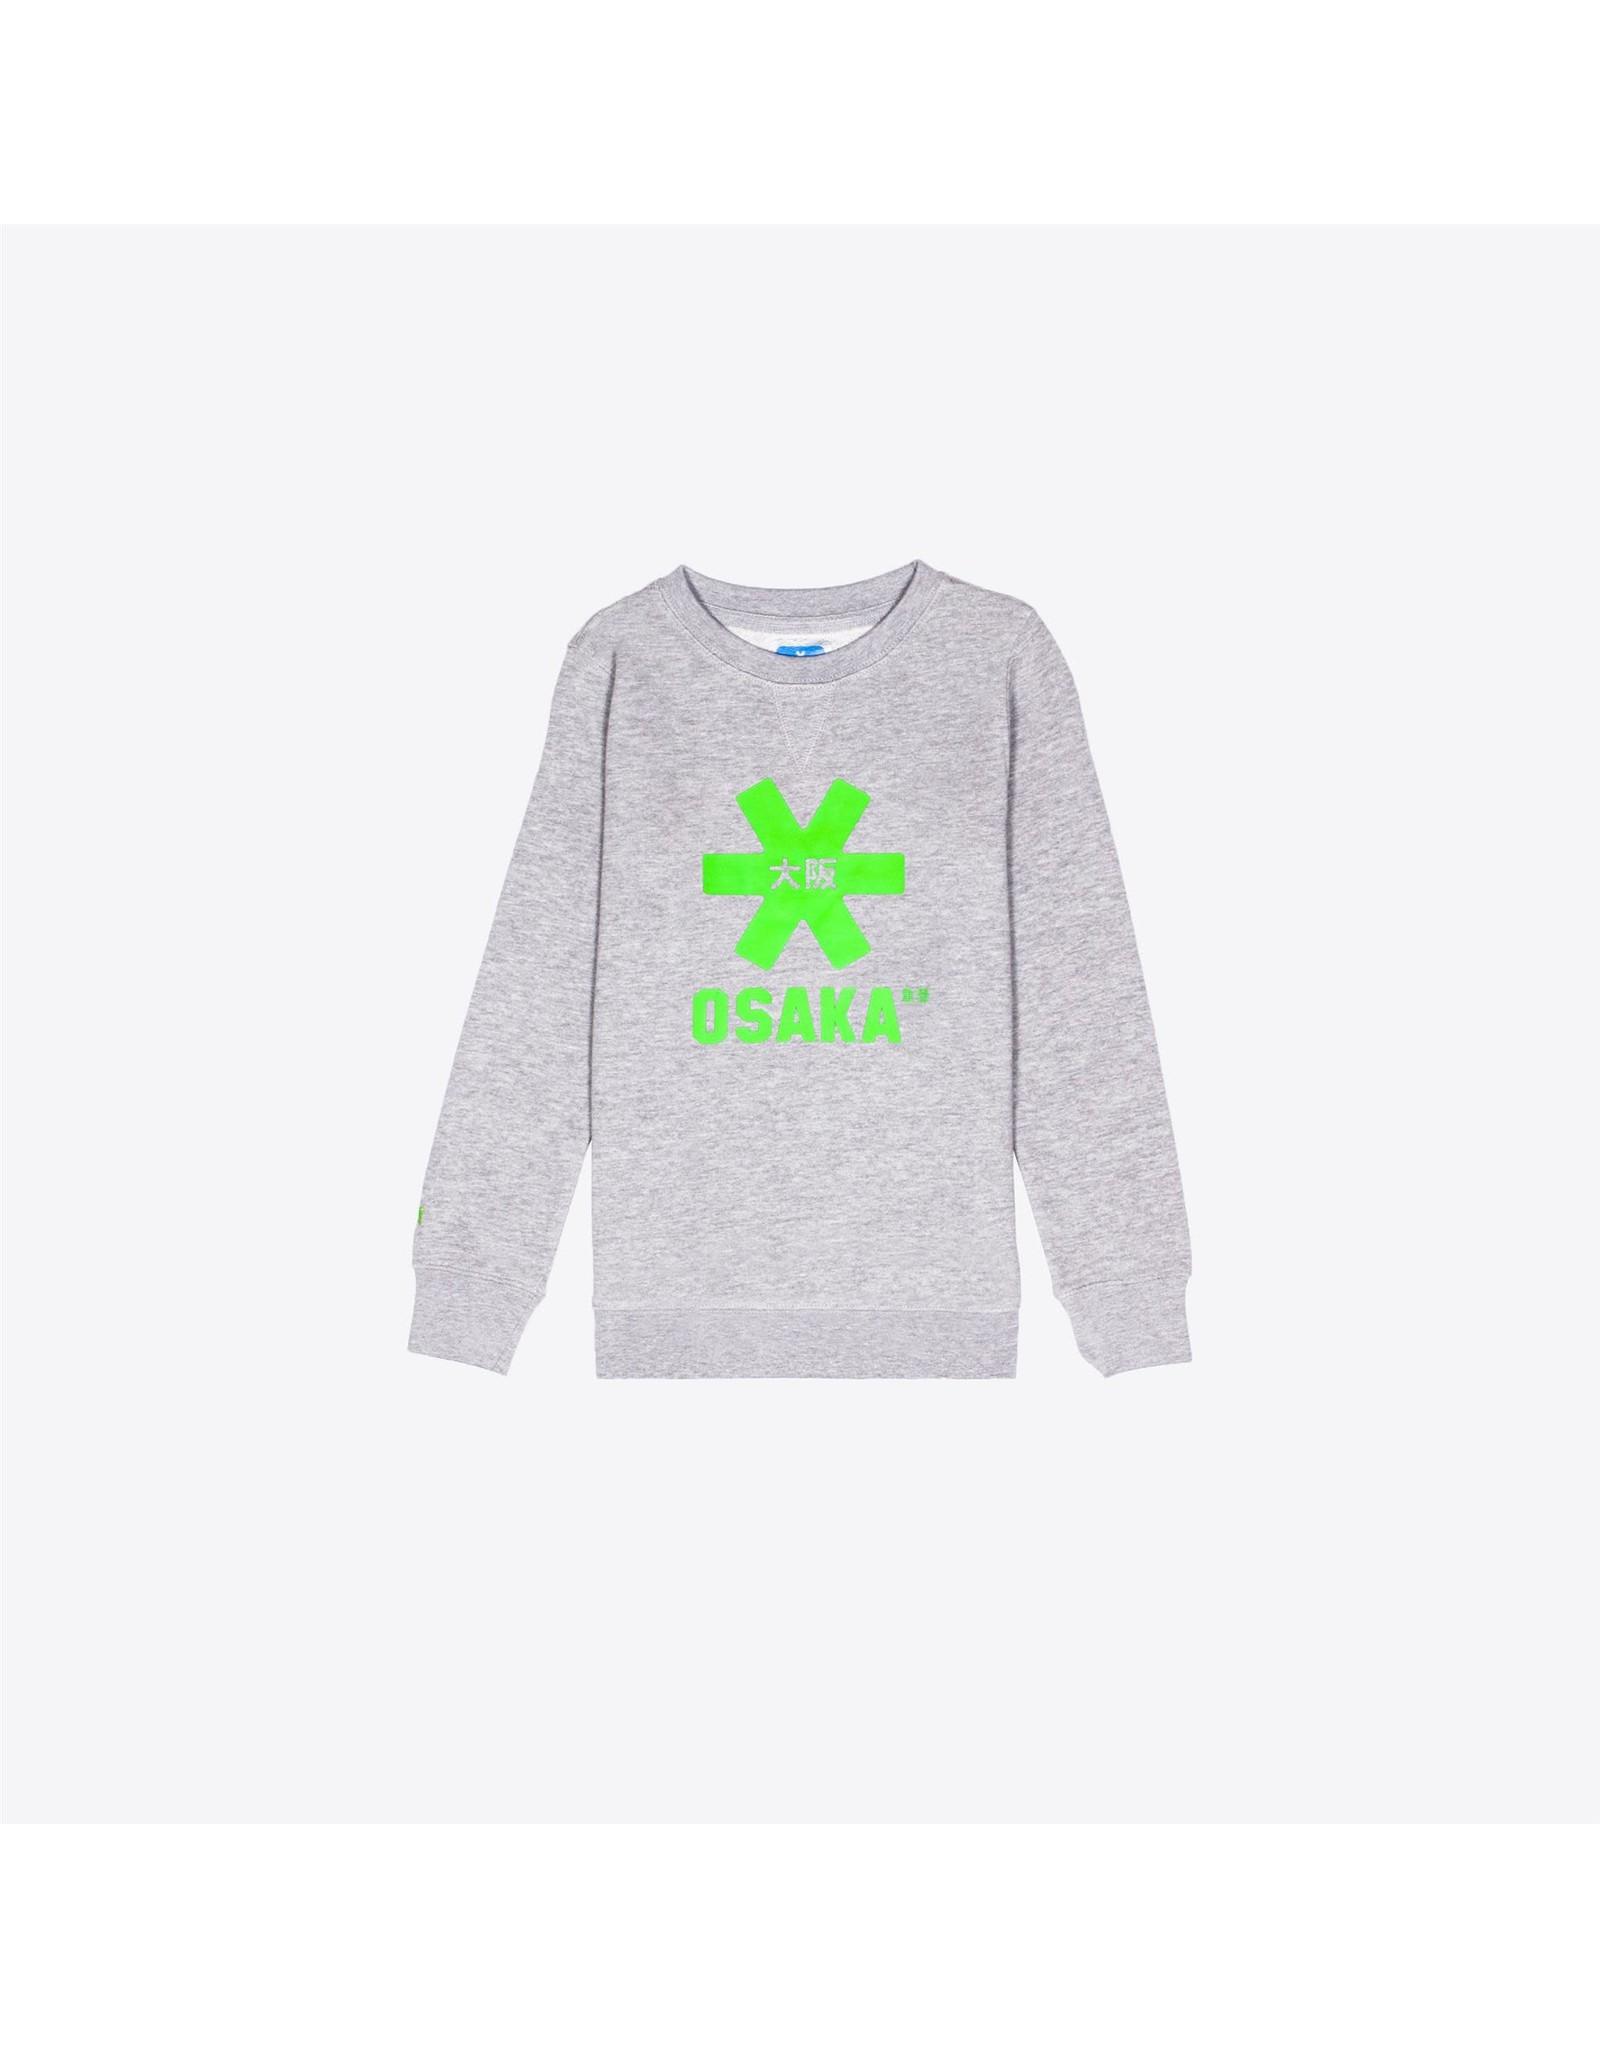 OSAKA OSAKA  DESHI SWEATER GREEN STAR